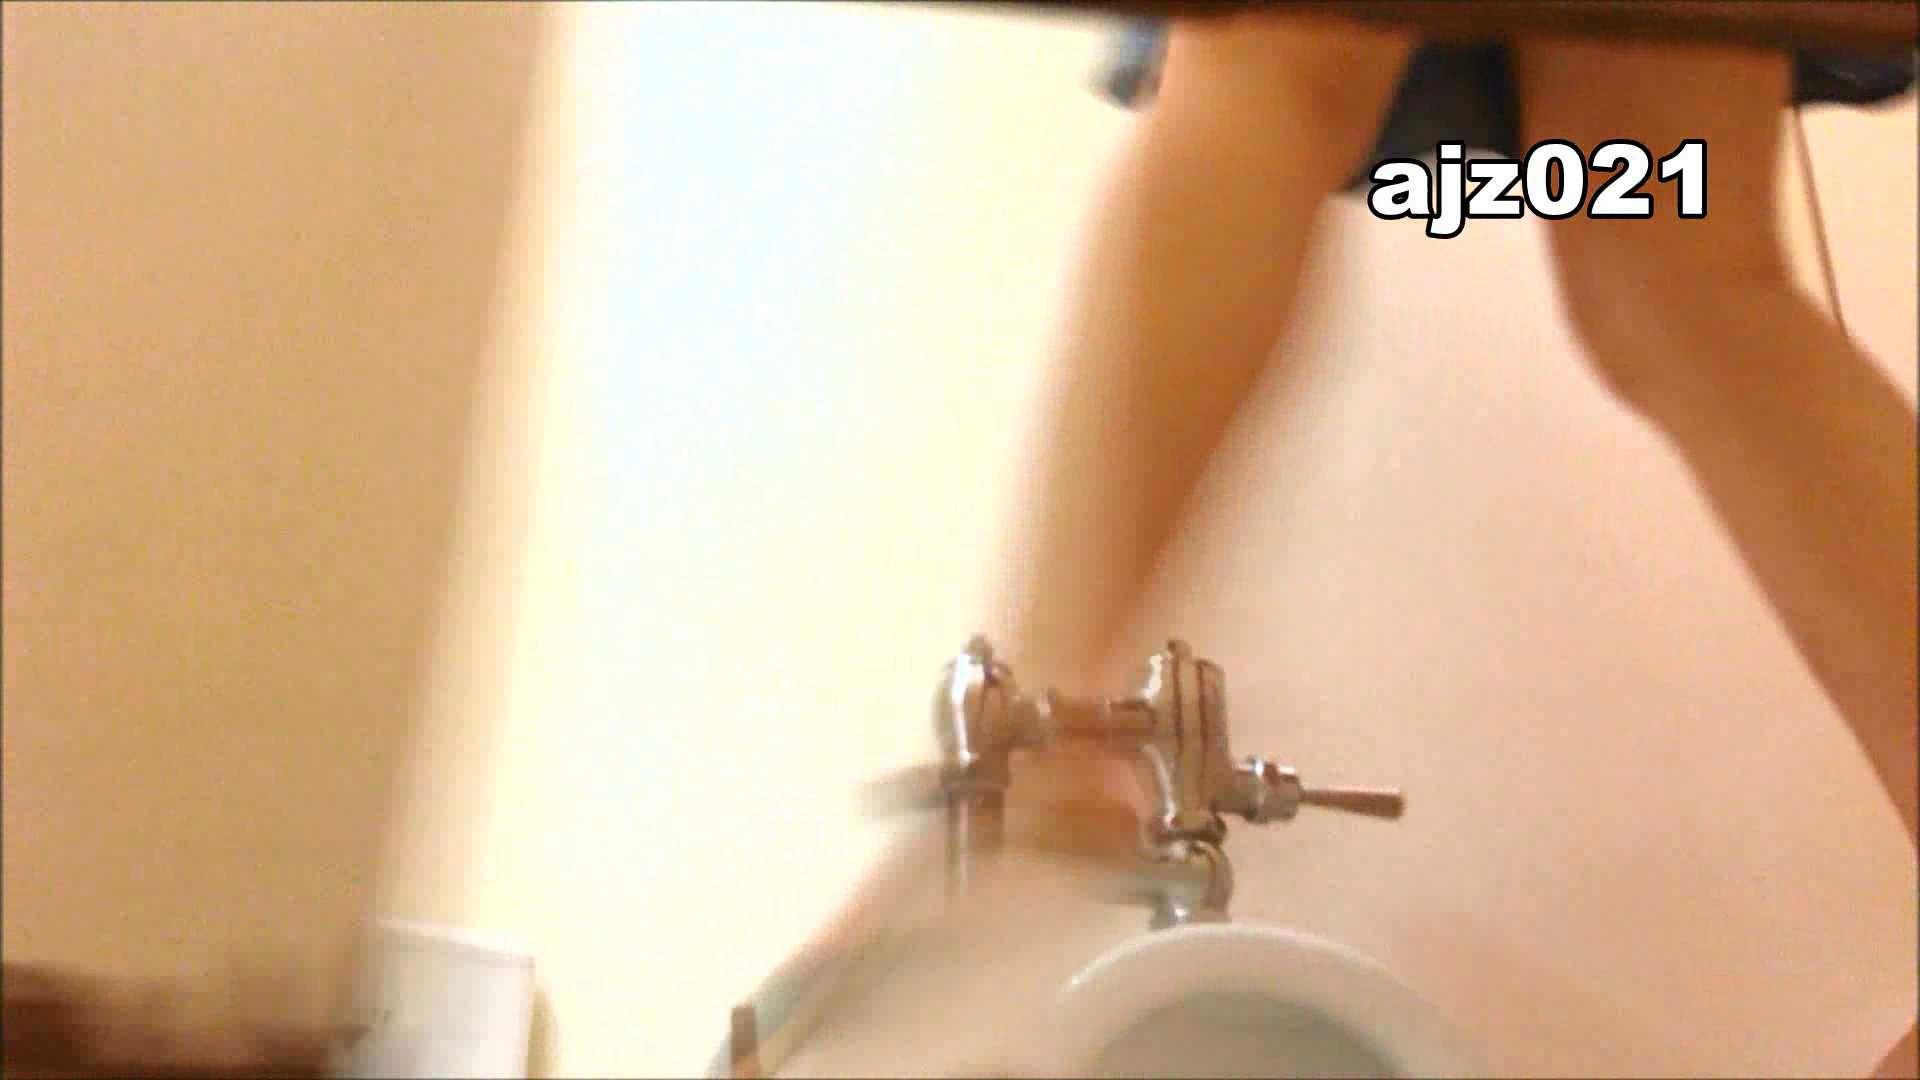 某有名大学女性洗面所 vol.21 OLセックス  75画像 28